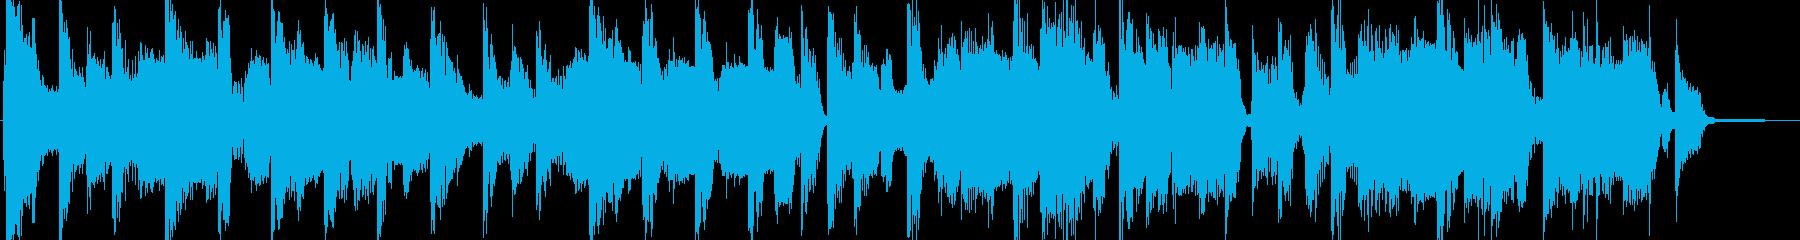 軽快なスムースジャズ風ジングルの再生済みの波形